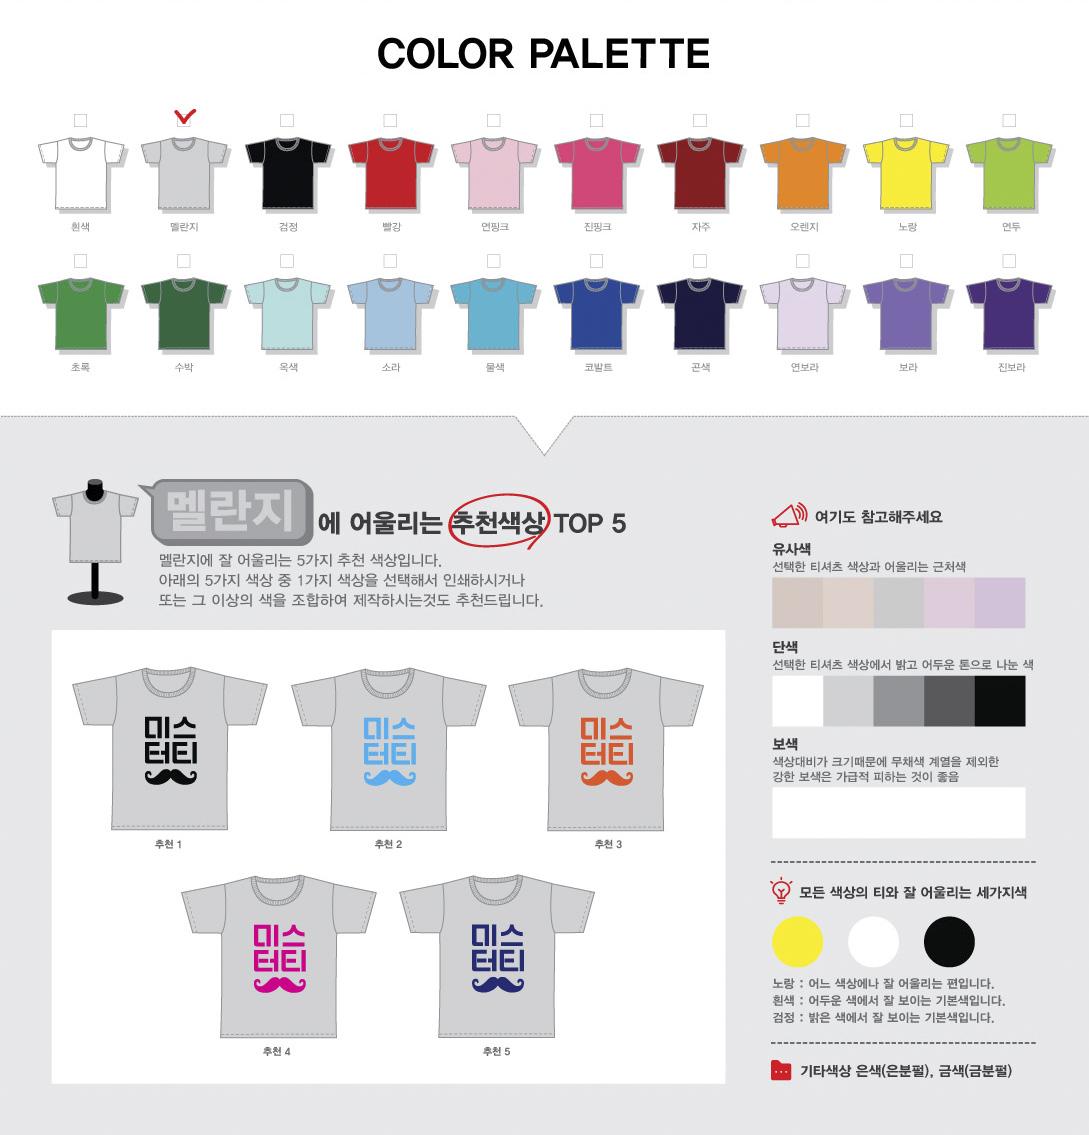 회색단체티에 어울리는 로고색상,회색단체티 제작색상,회색단체복 로고색상,회색단체티 디자인색상,회색단체티셔츠 로고색상